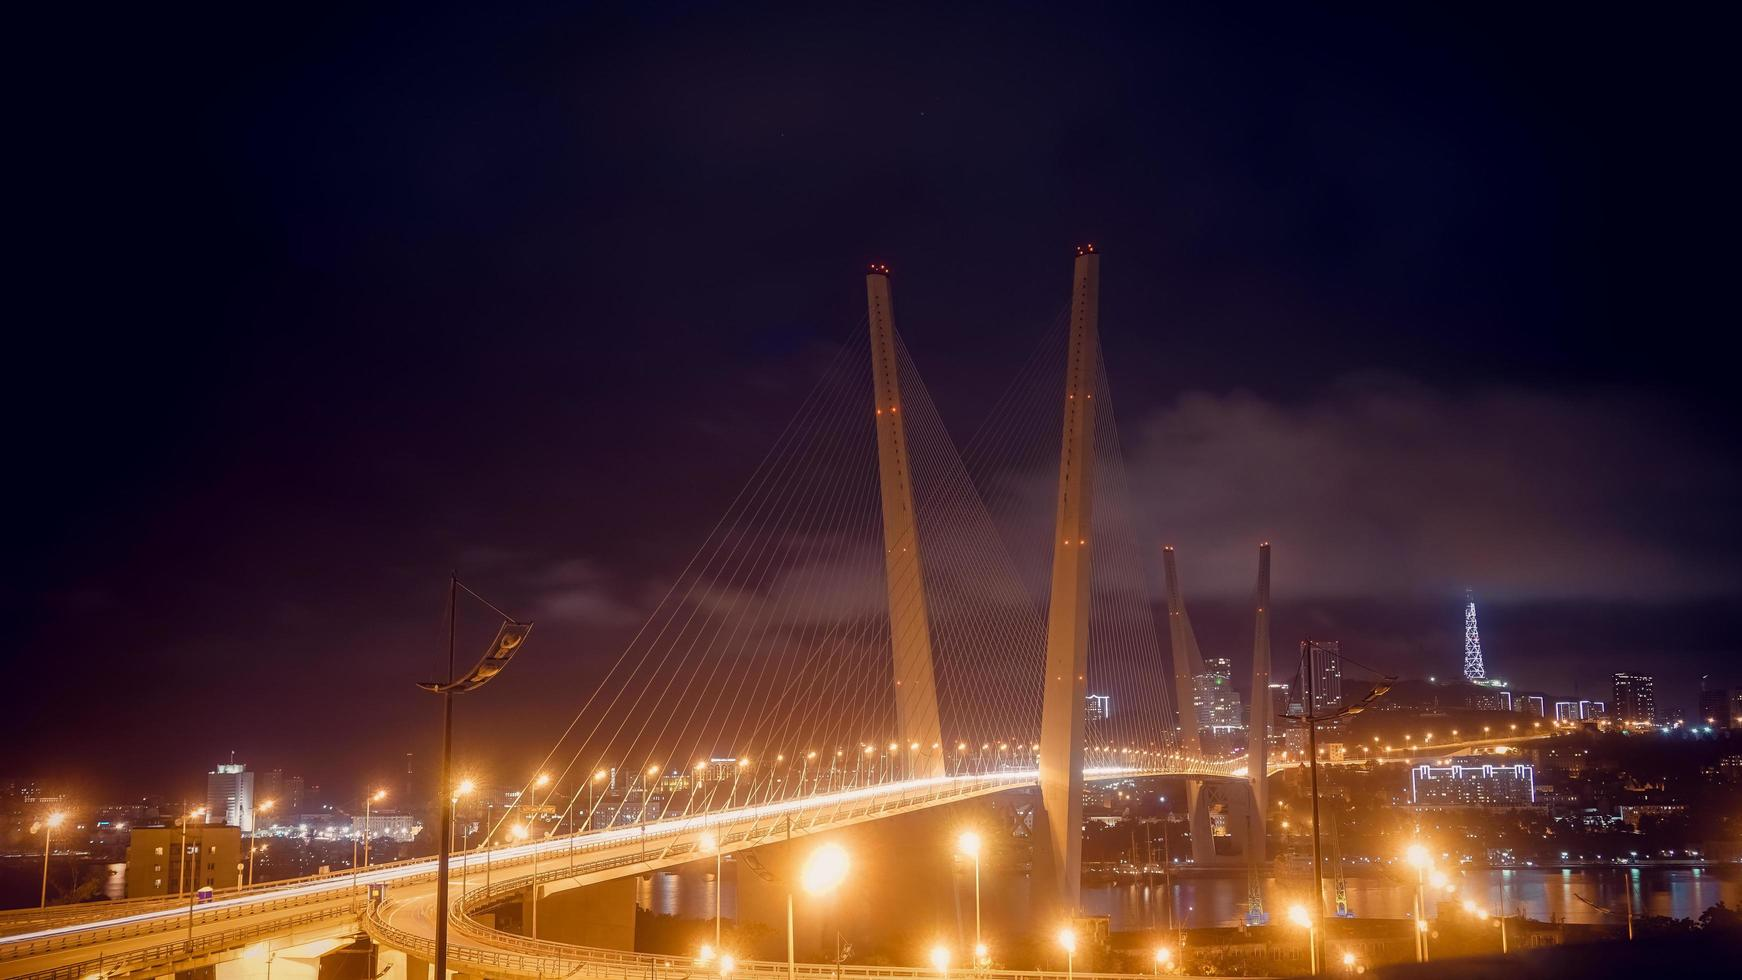 paisagem noturna com vista para a ponte dourada. foto